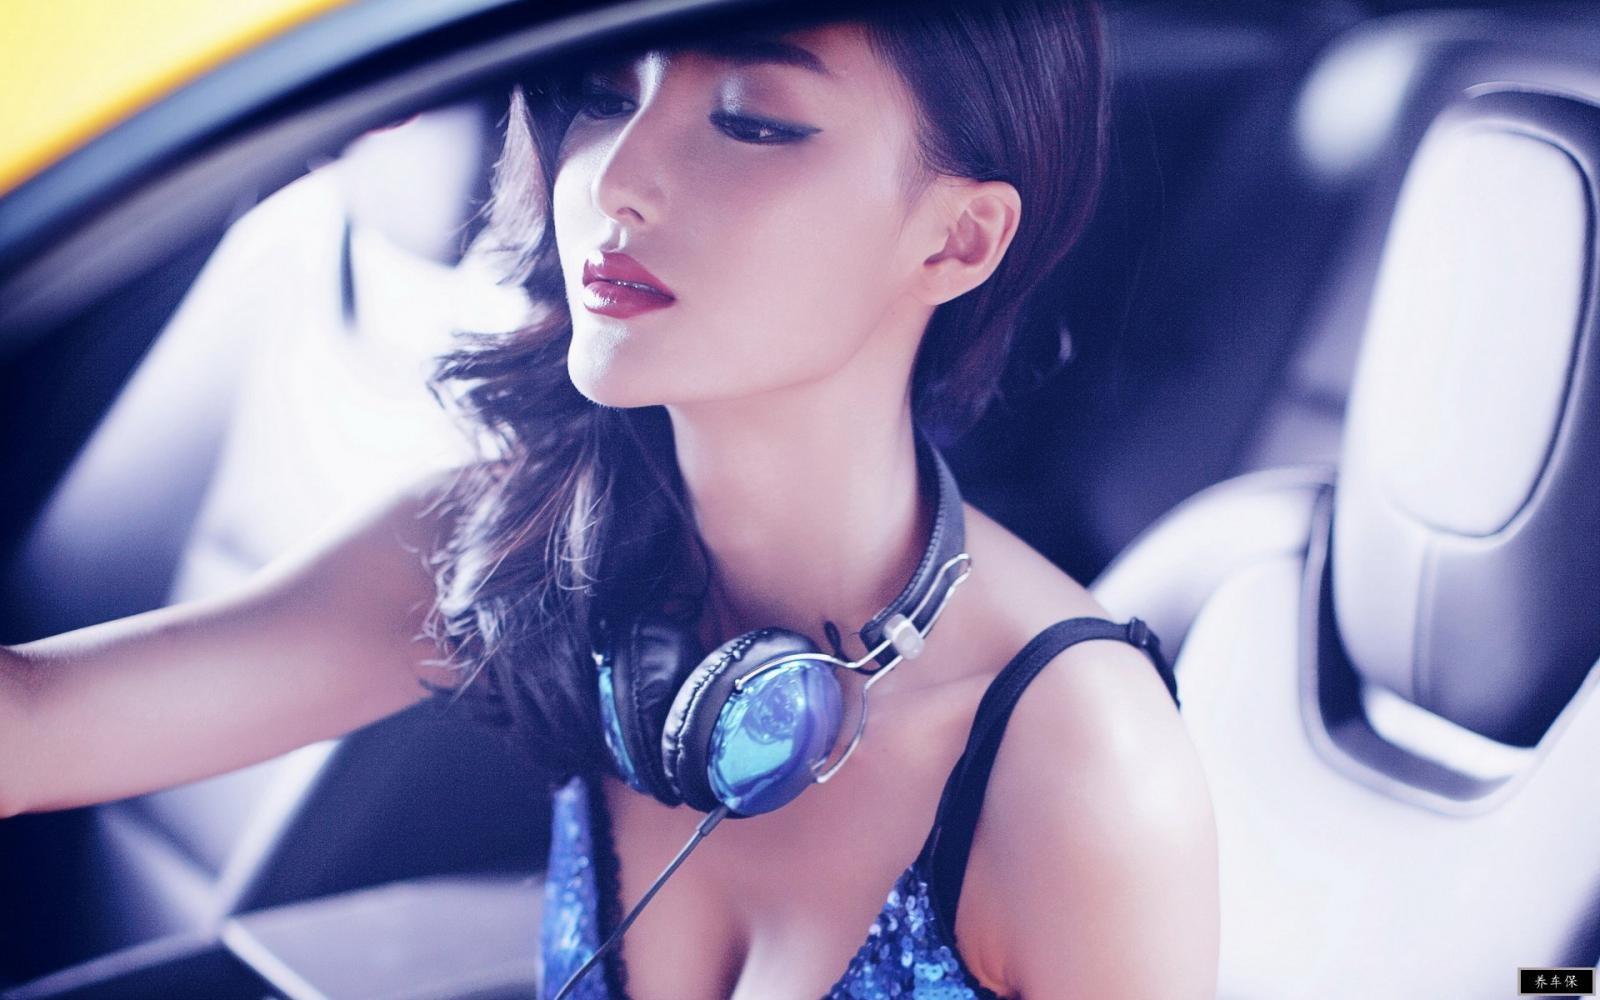 """Ngắm """"nữ thần gợi cảm"""" Lí Dĩnh Chi tạo dáng đầy phong cách trong xe - 7"""